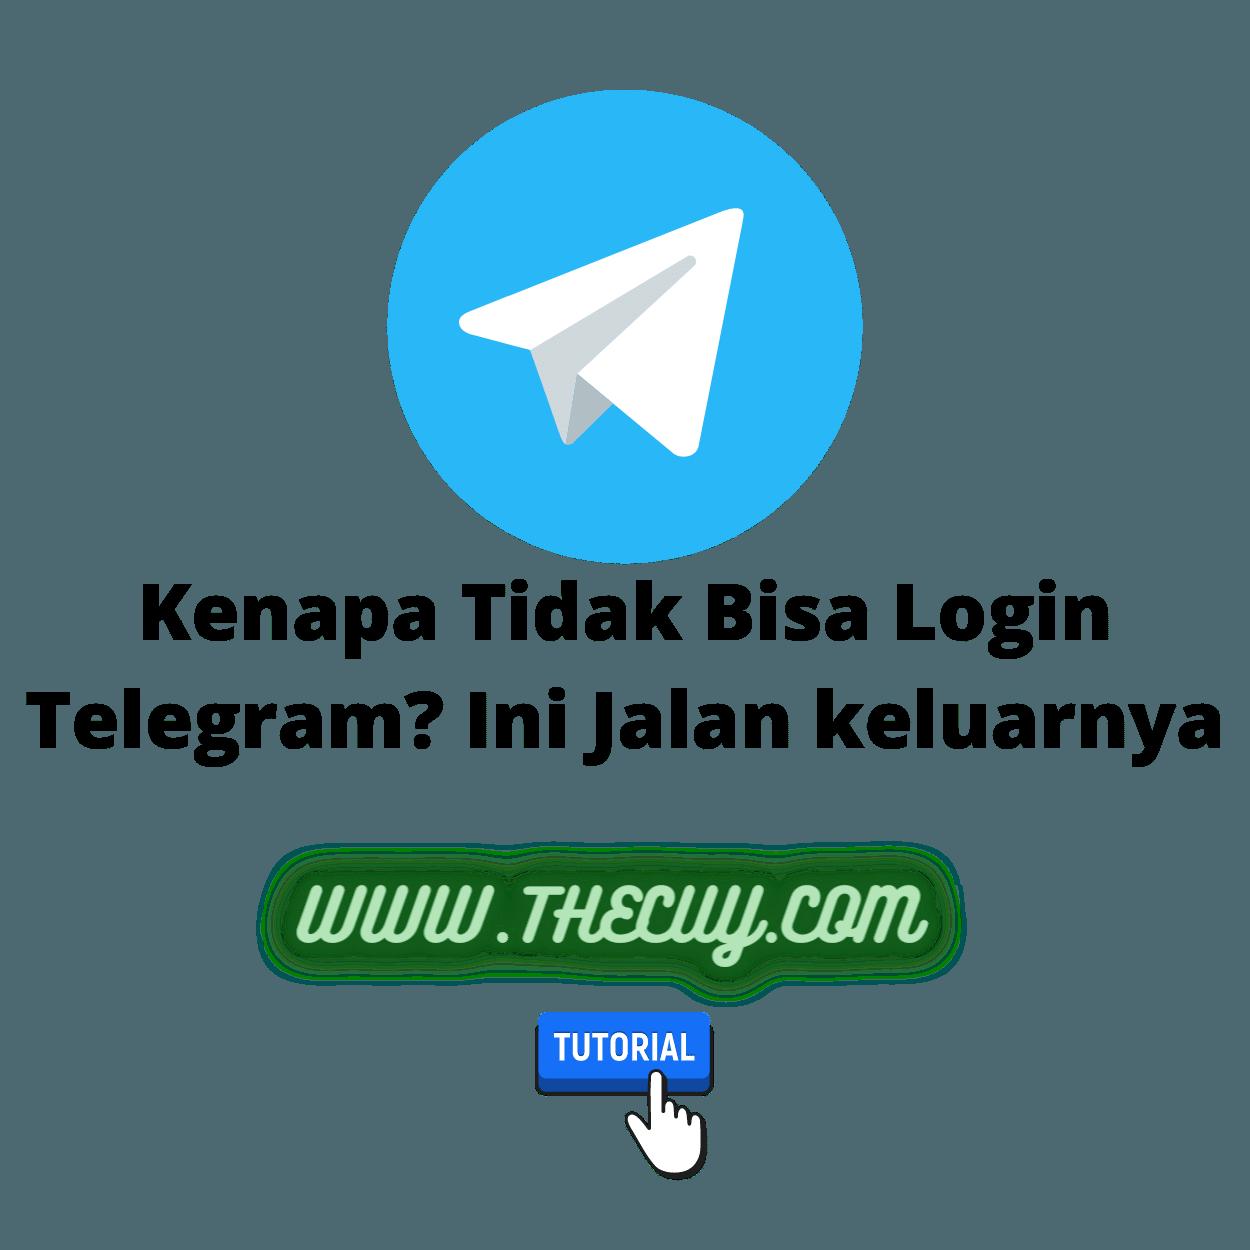 Kenapa Tidak Bisa Login Telegram? Ini Jalan keluarnya